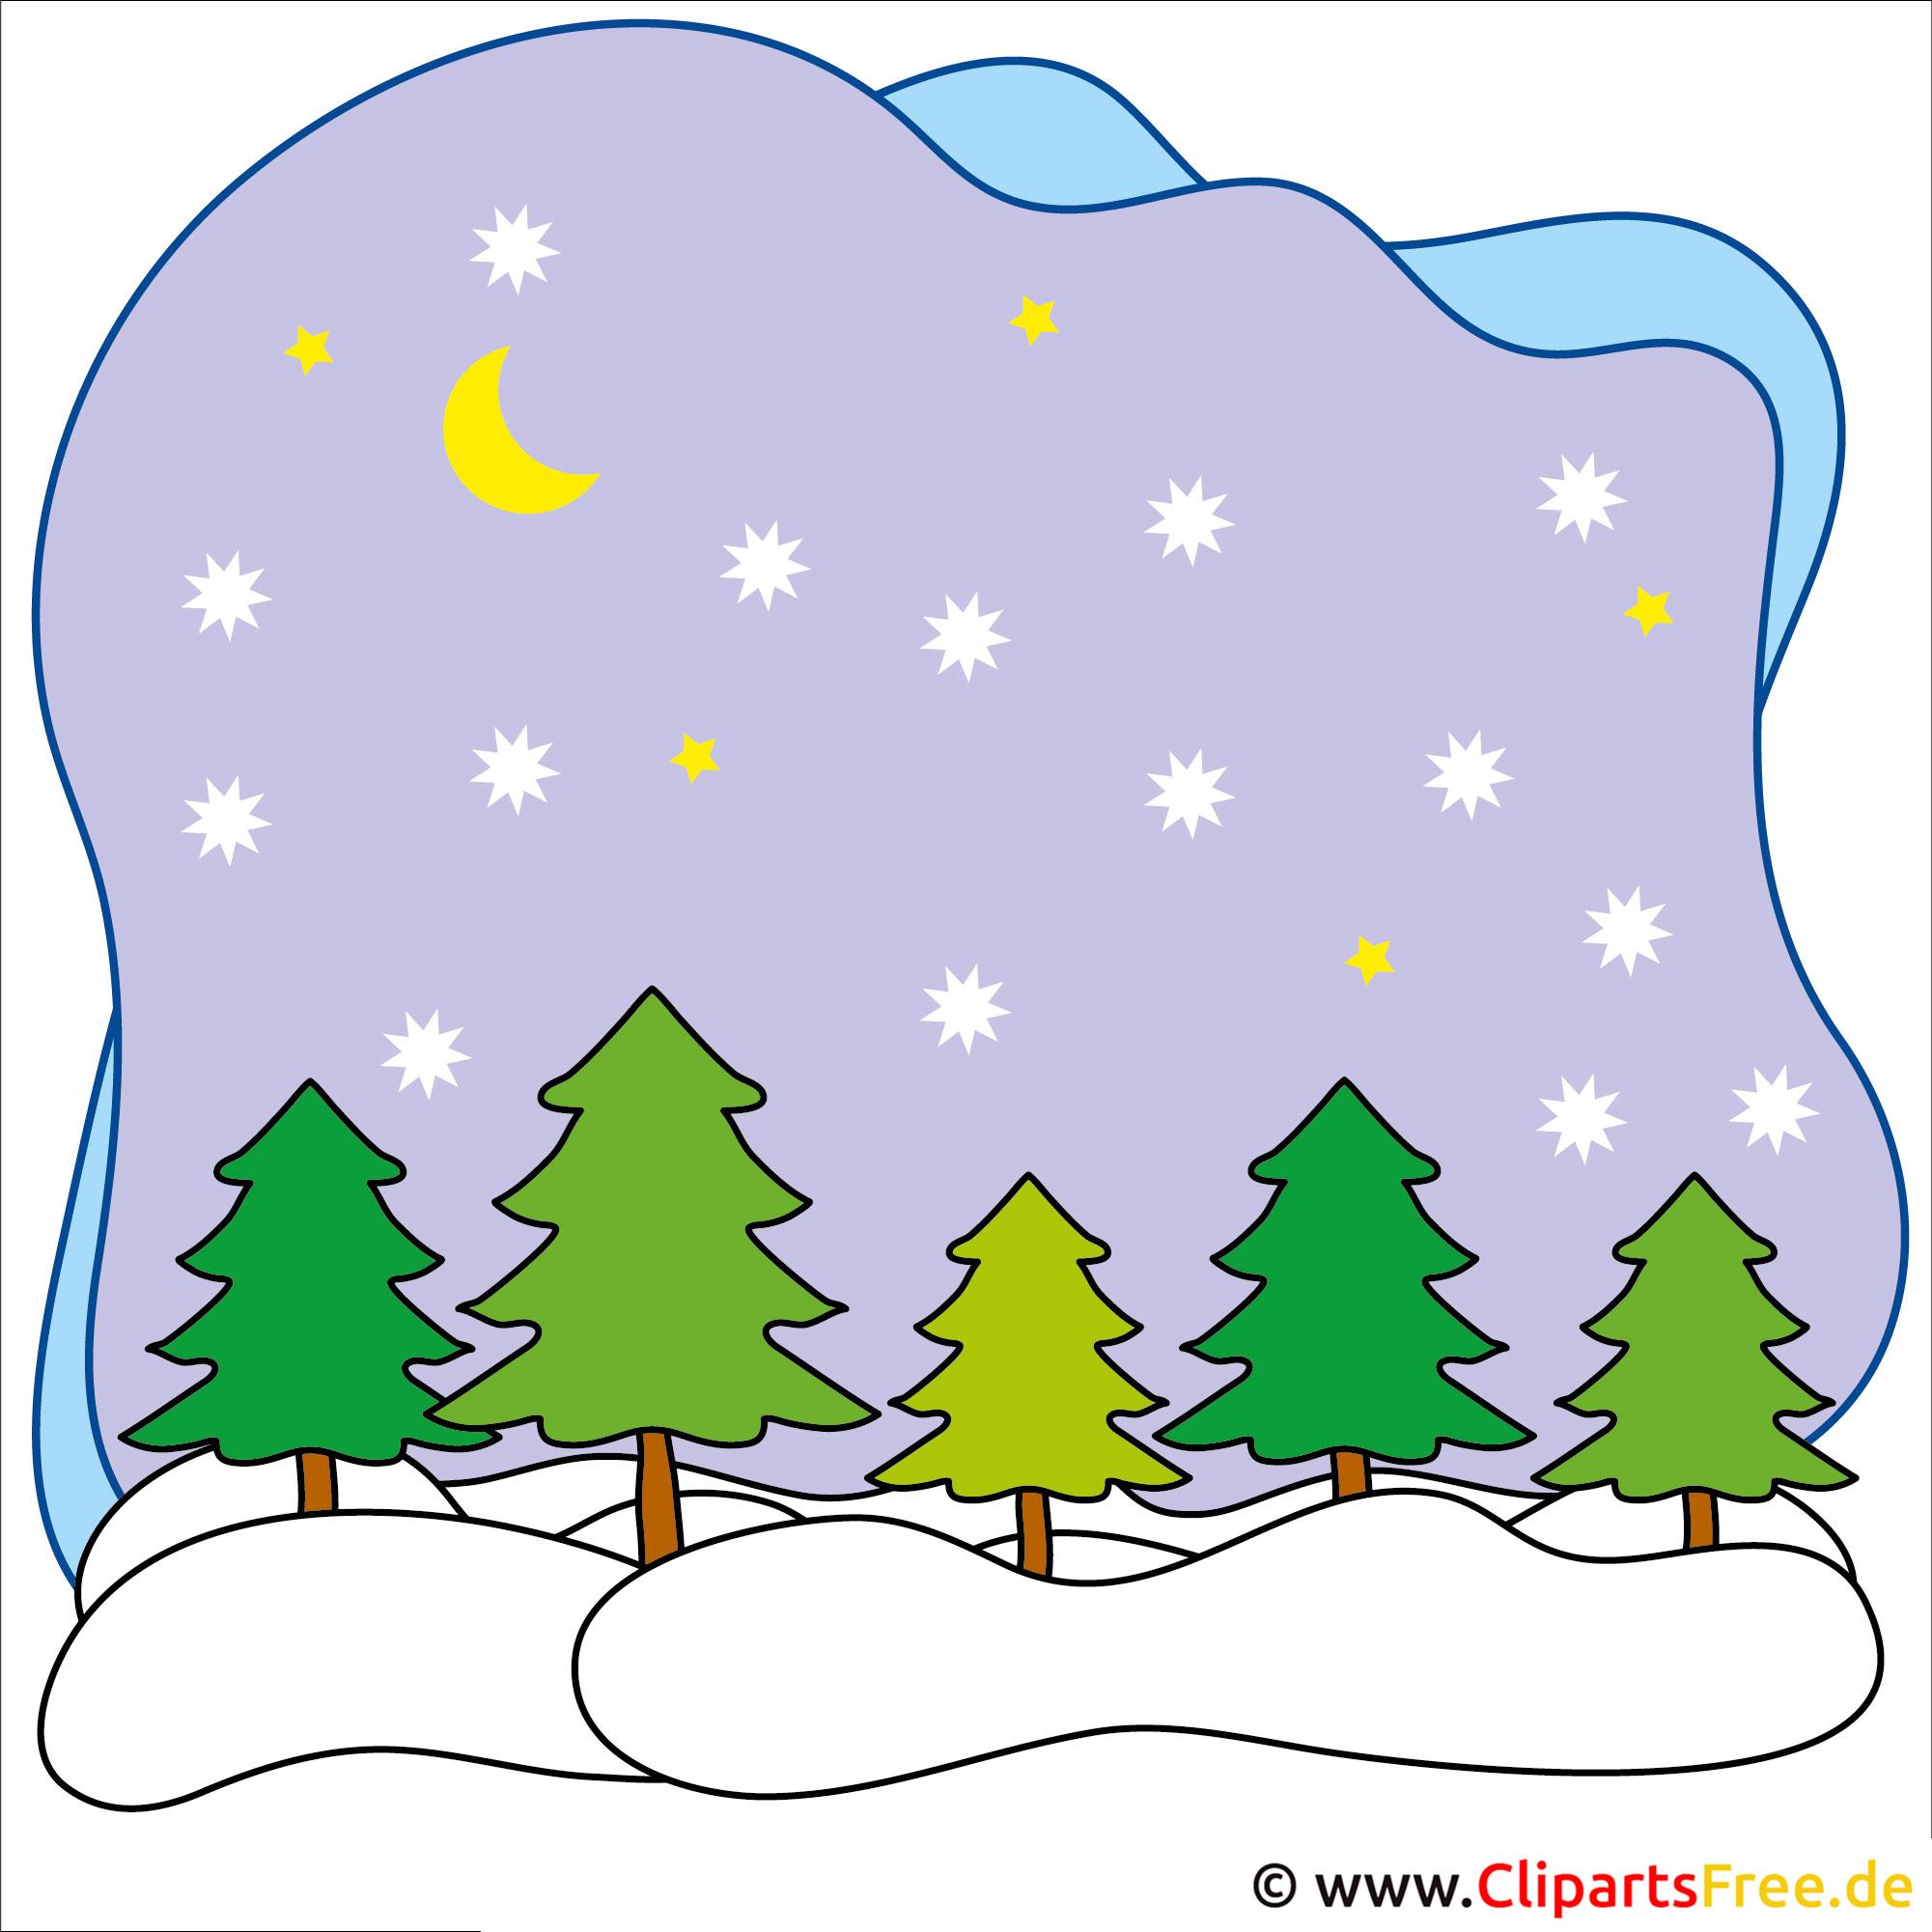 Clip Art und Karten zu Weihnachten